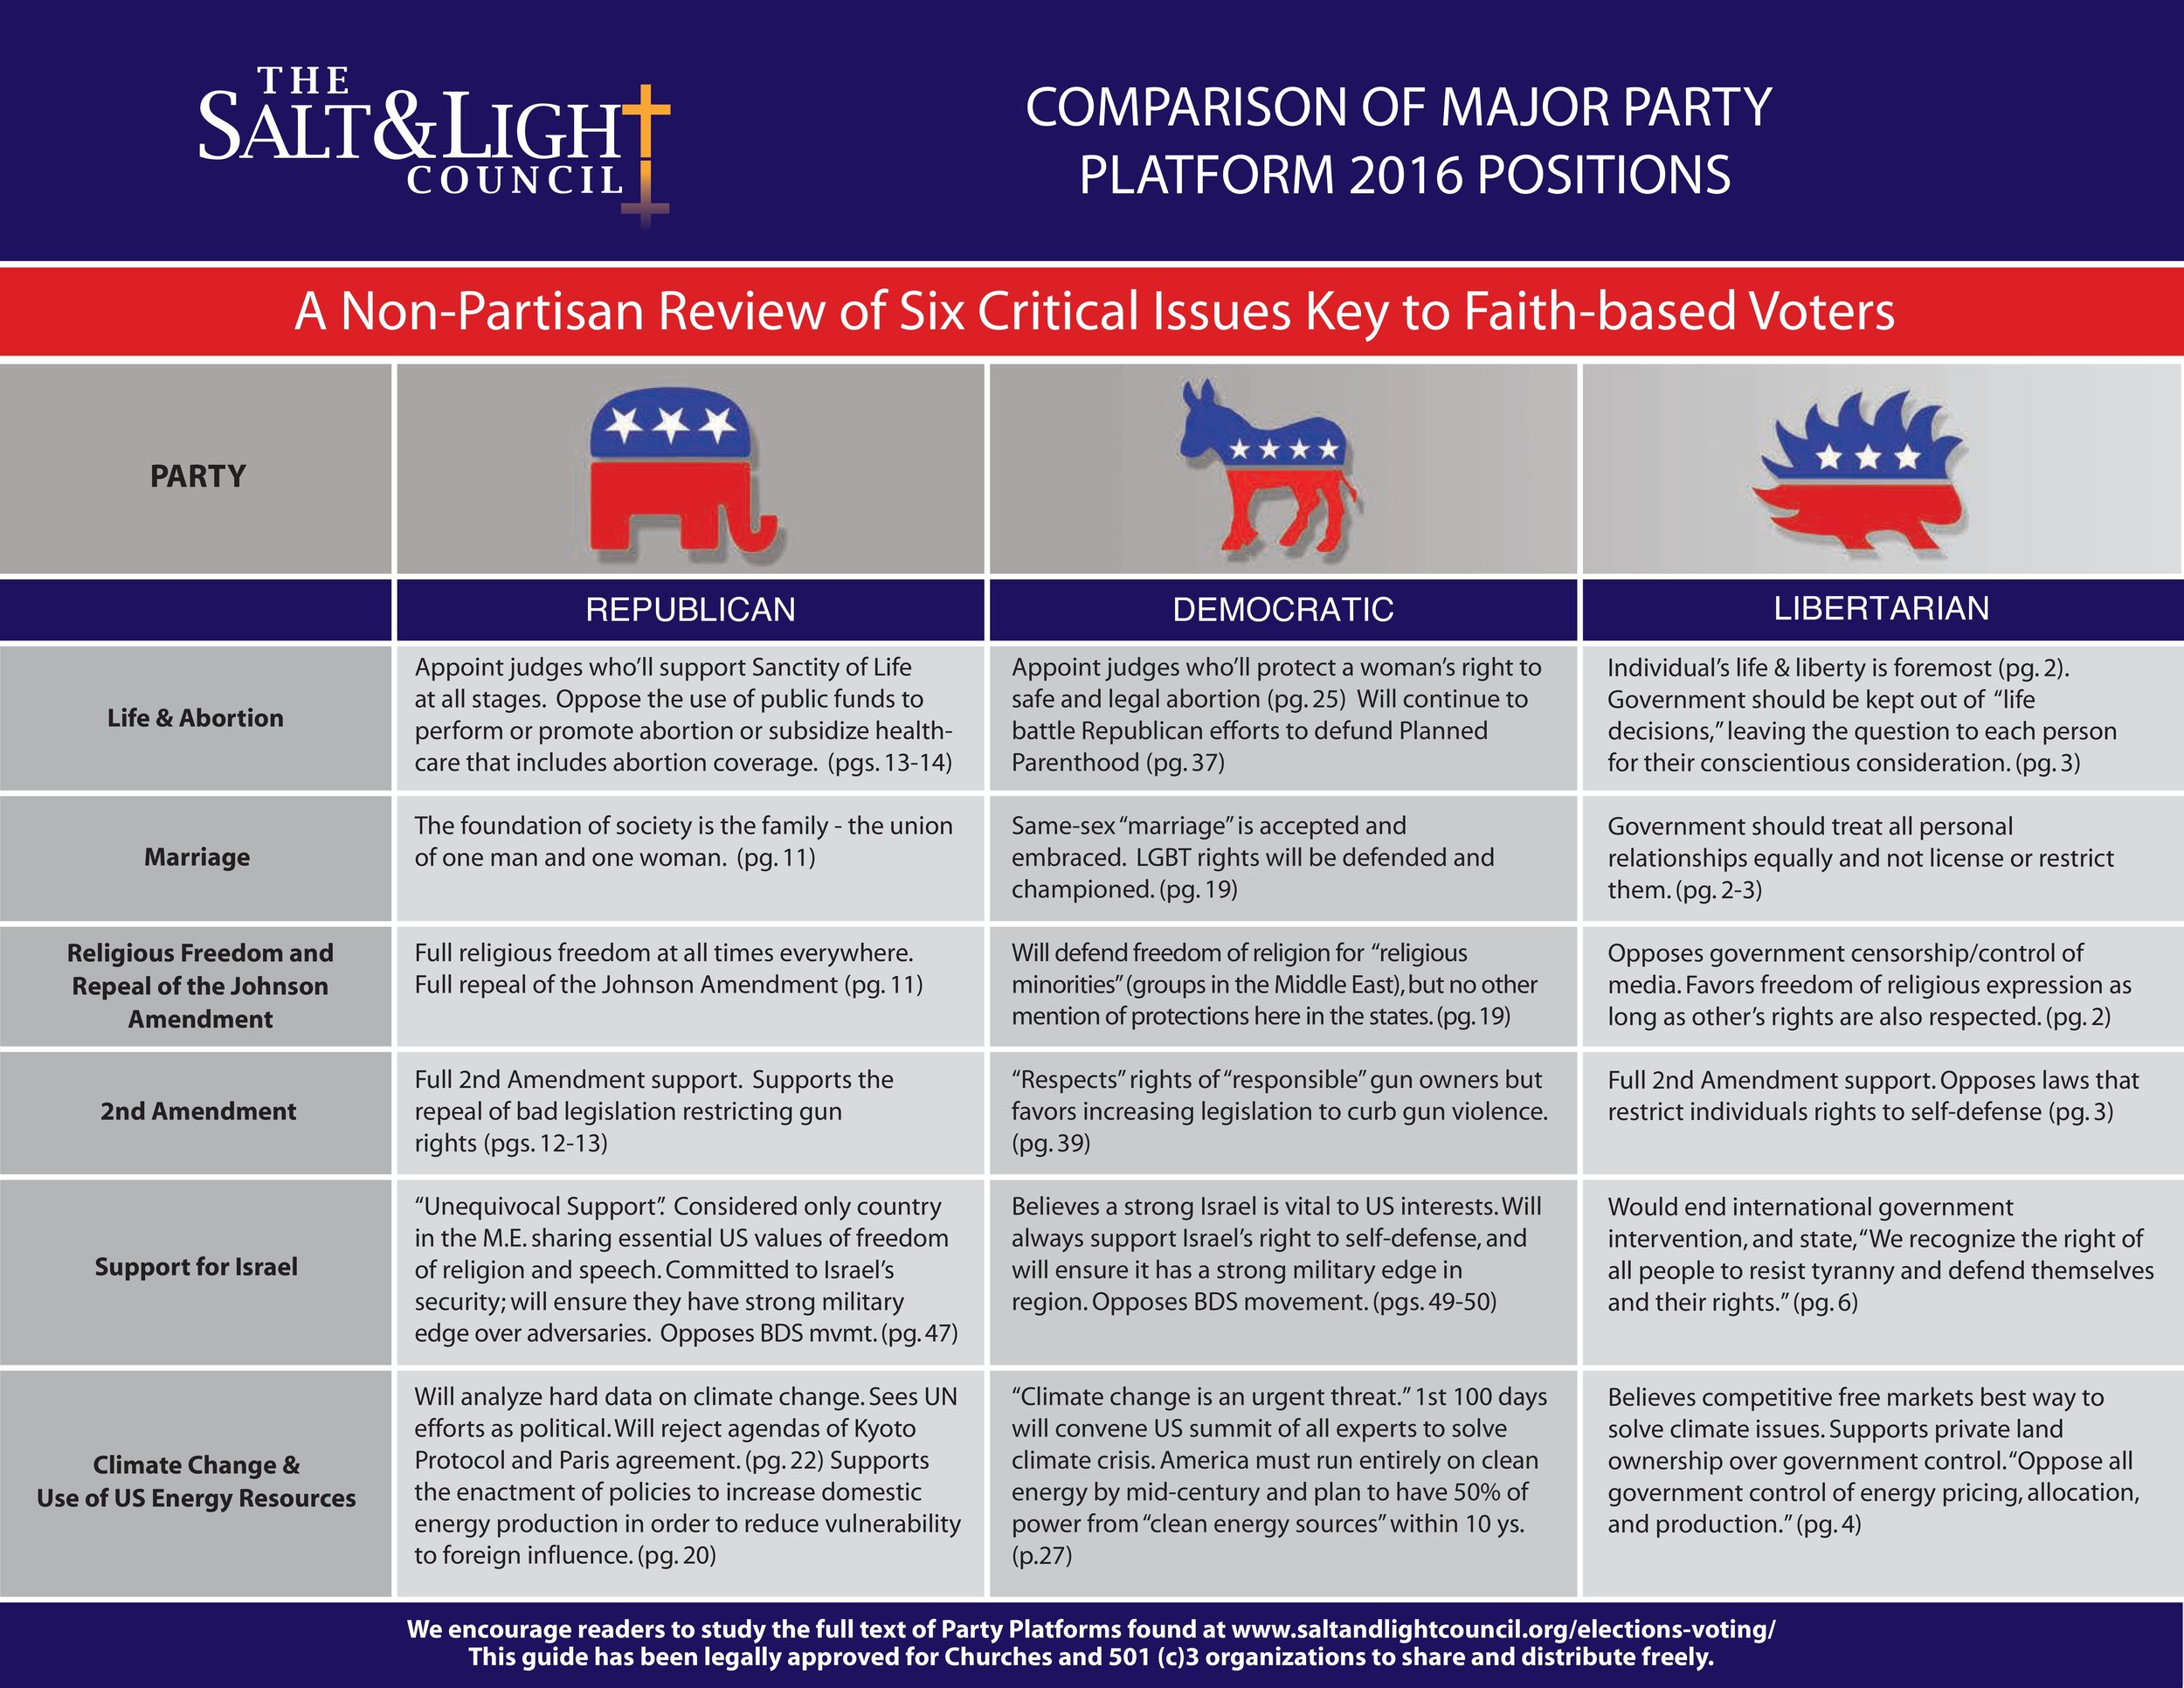 Comparison of Major Party Platforms 2016